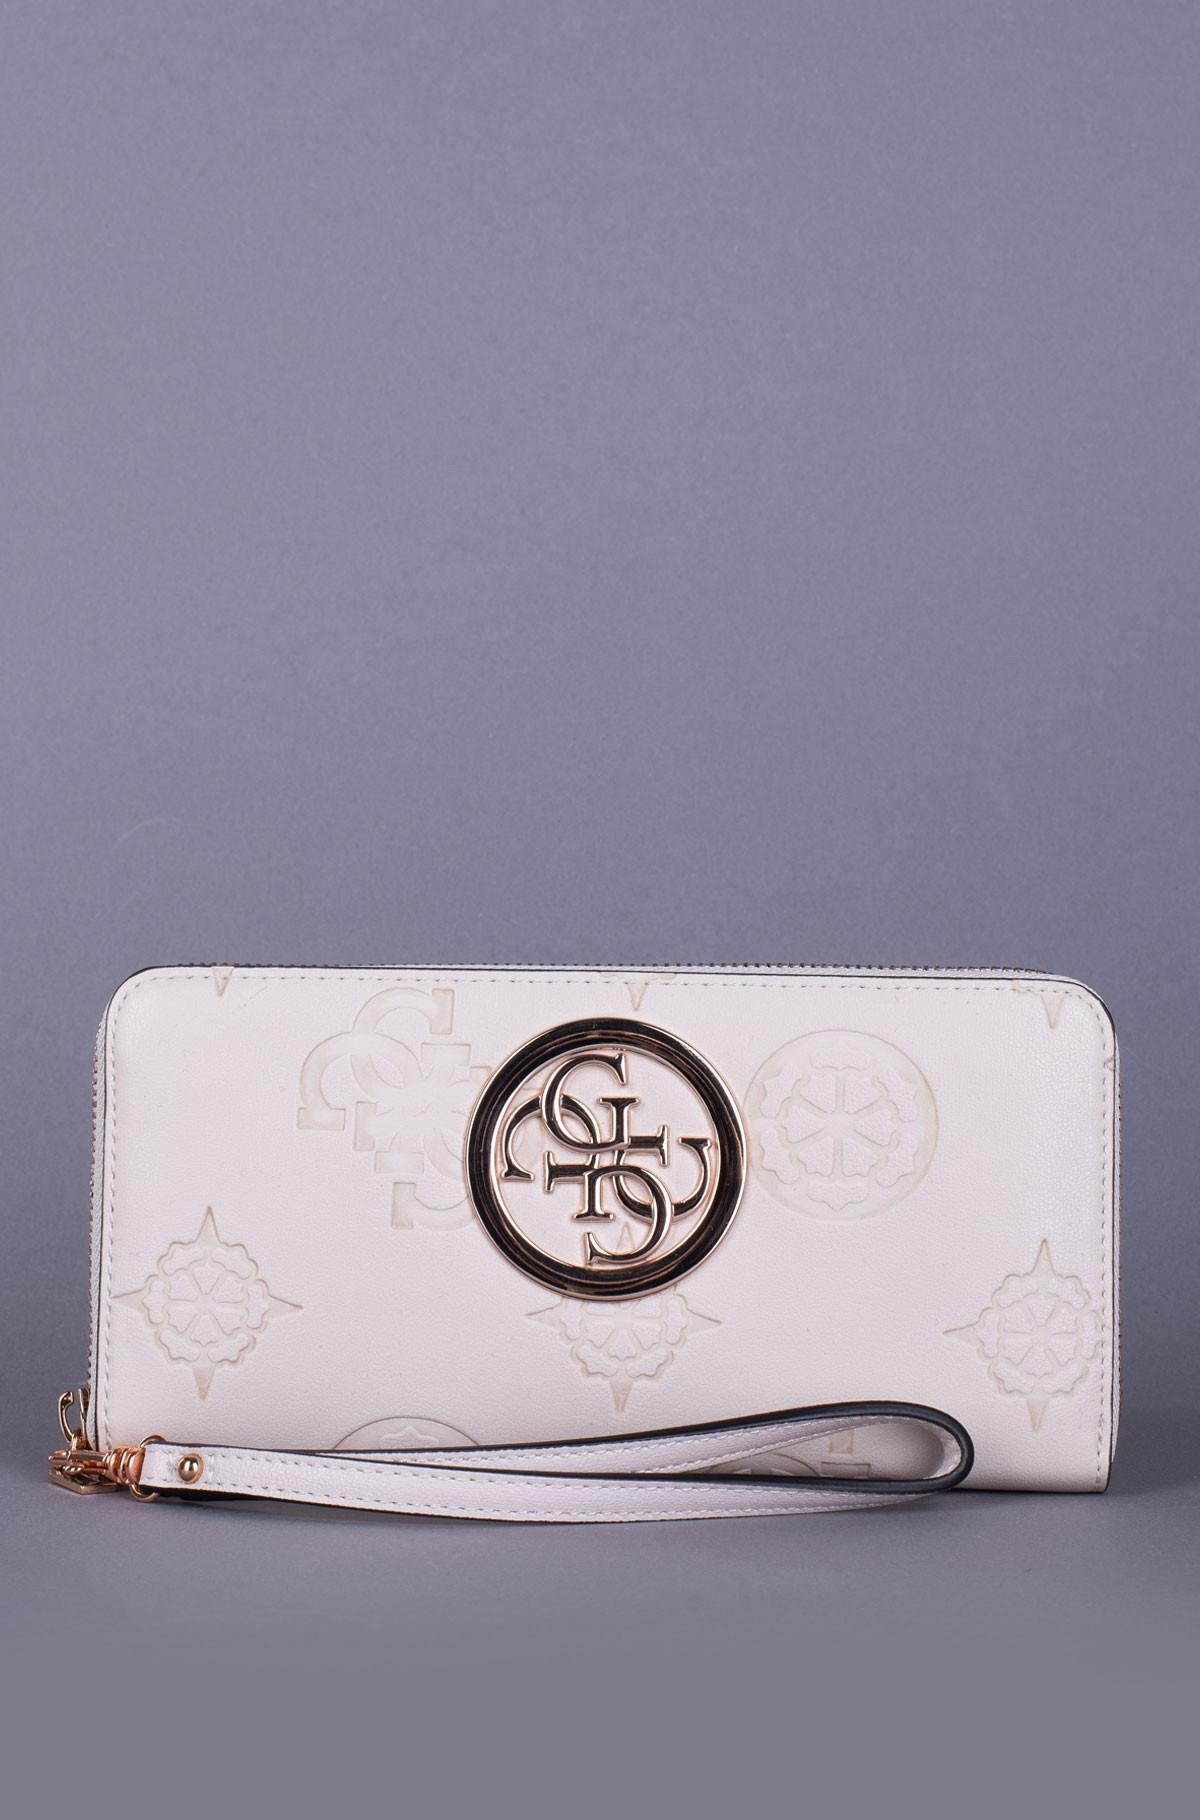 Wallet SWSR71 86460-full-1